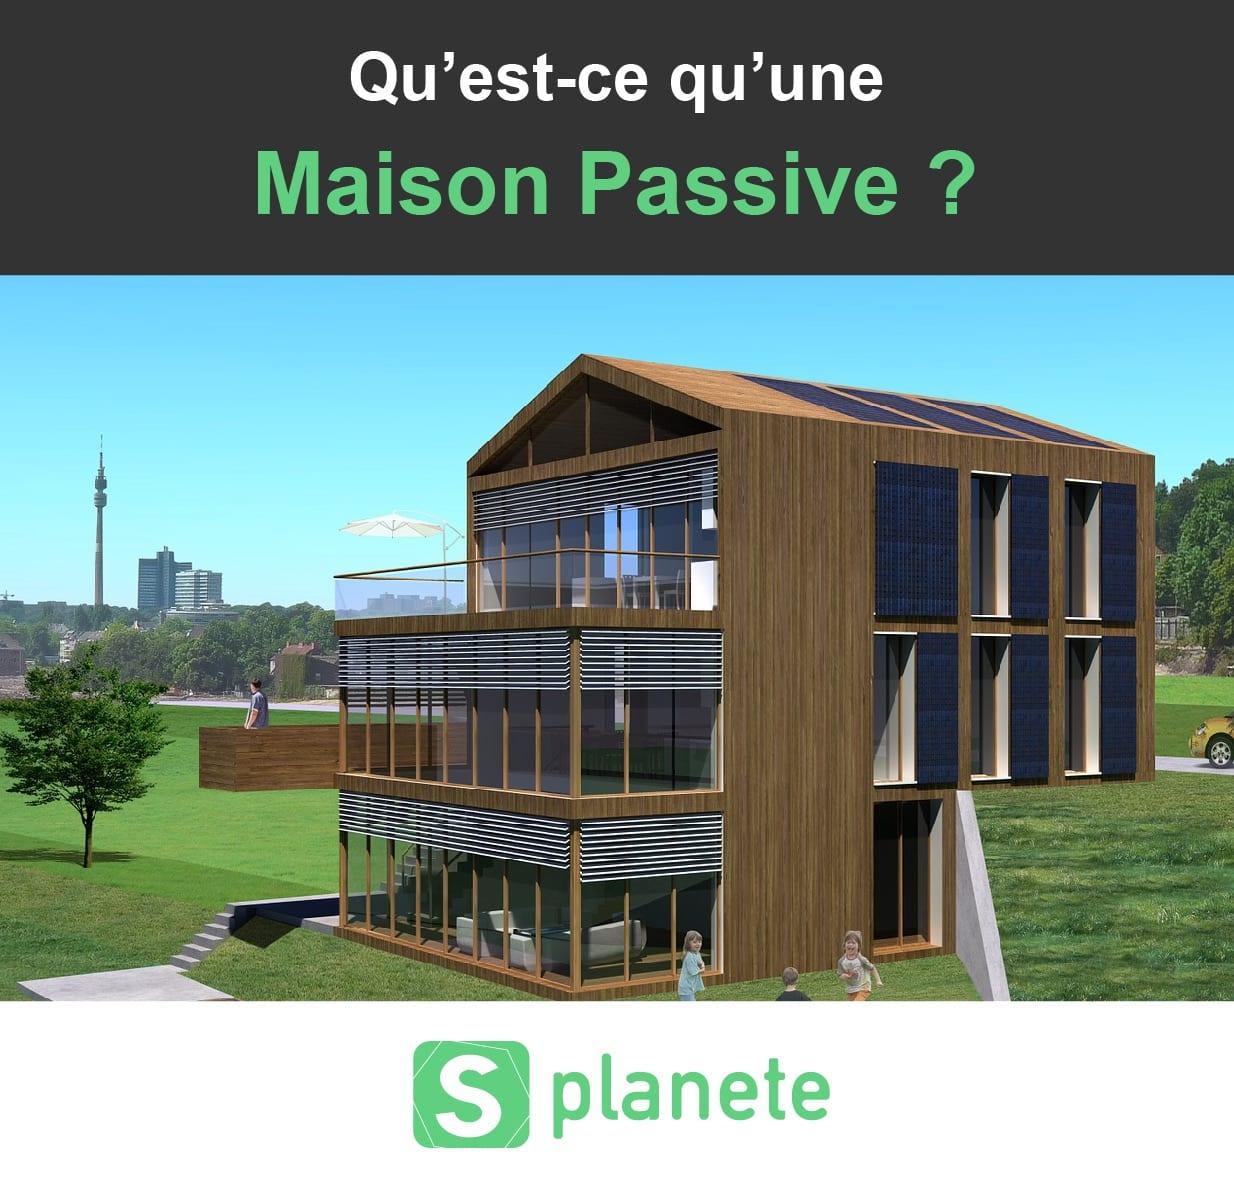 Qu'est-ce qu'une Maison Passive ? Définition et explications